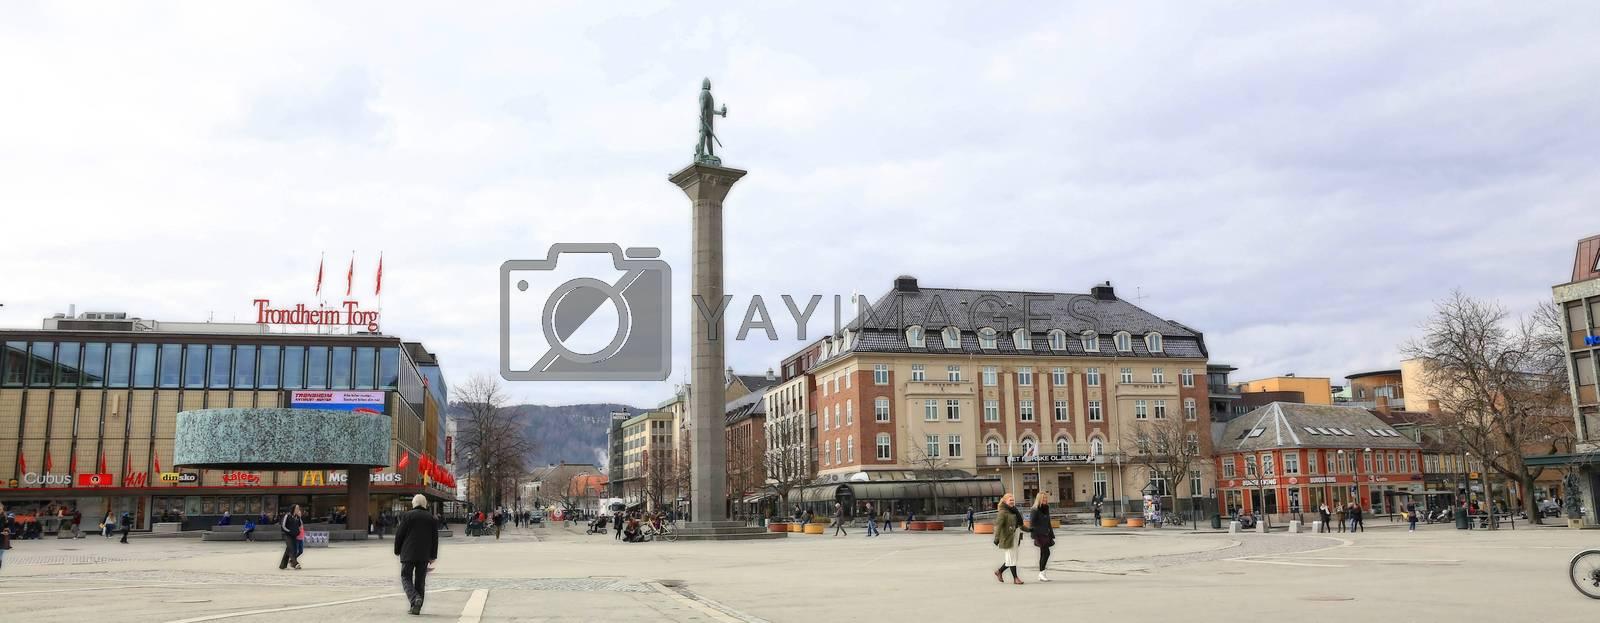 Rundtur i Trondheim en vårdag - Olav Tyggvason på torget i Trondheim